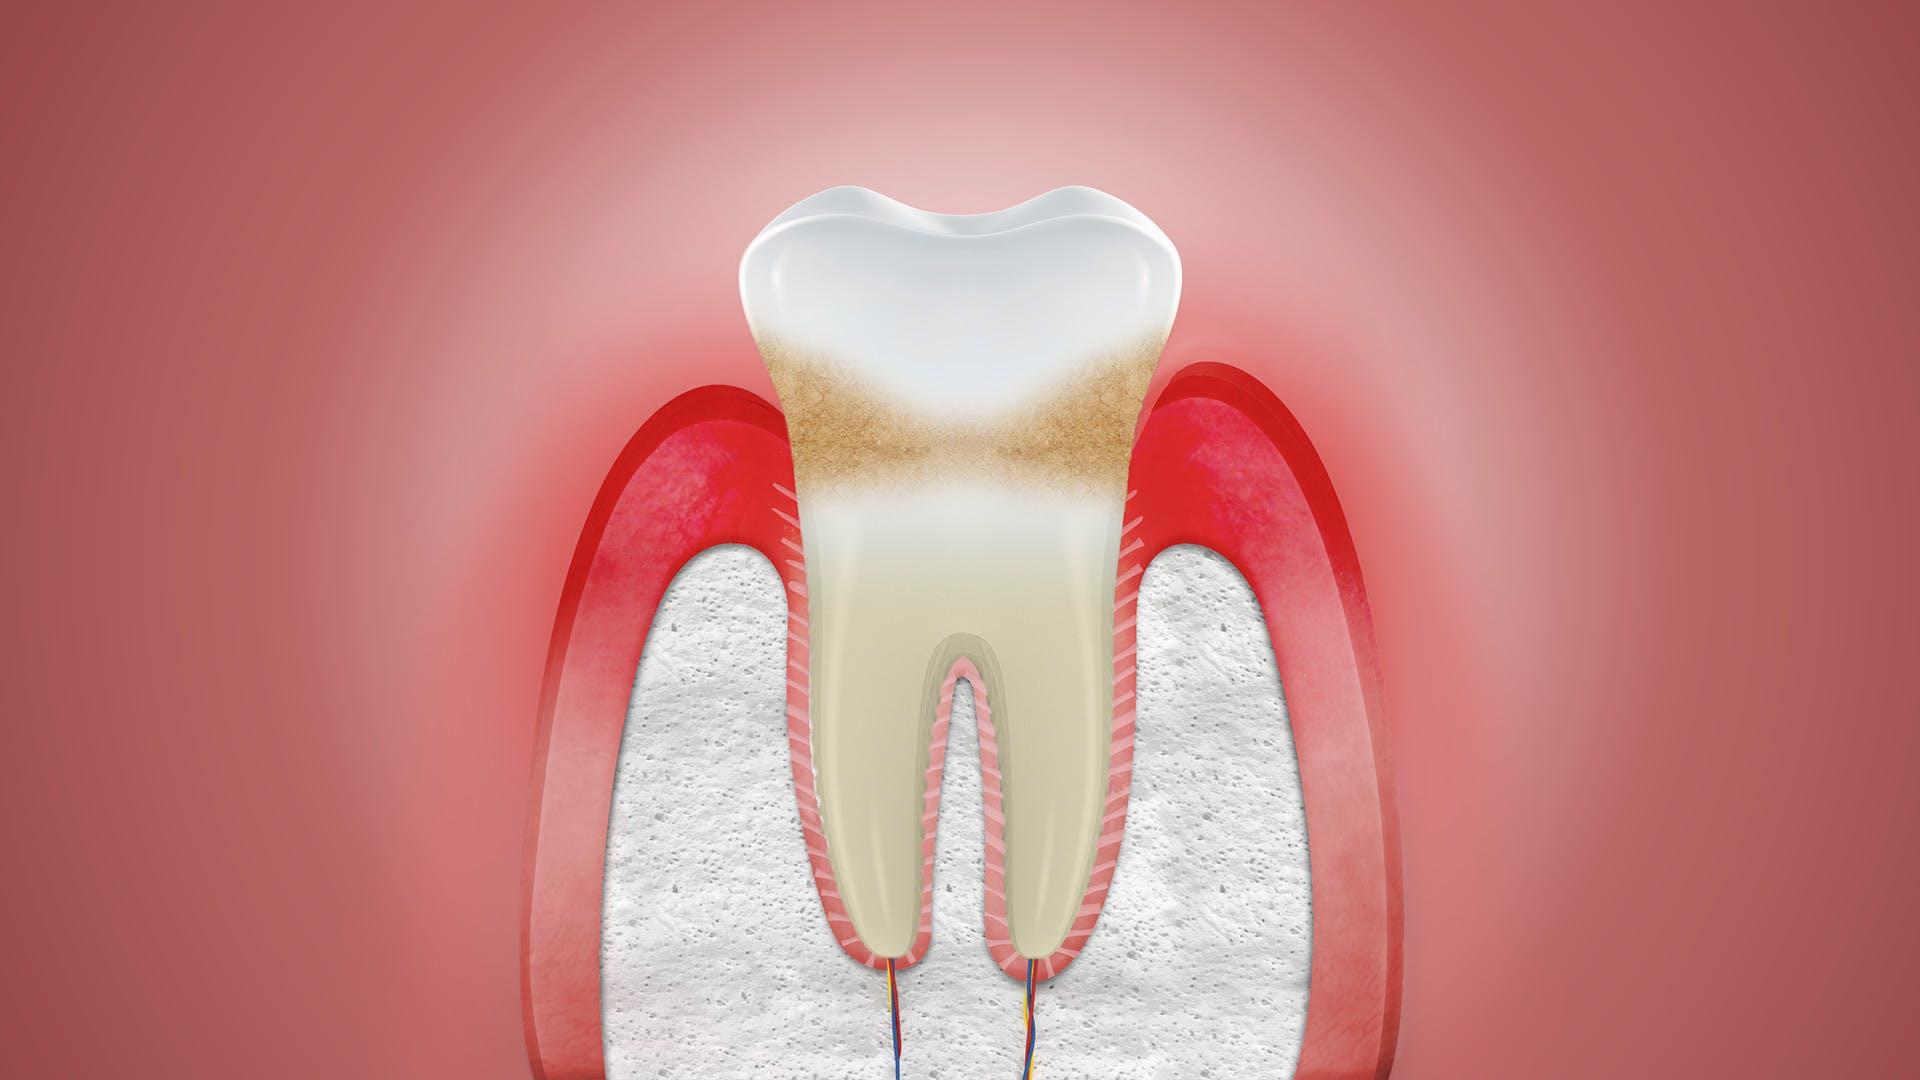 Bild: geschwollenes Zahnfleisch. Zahnfleischentzündung, Ursachen etc. Infos hier